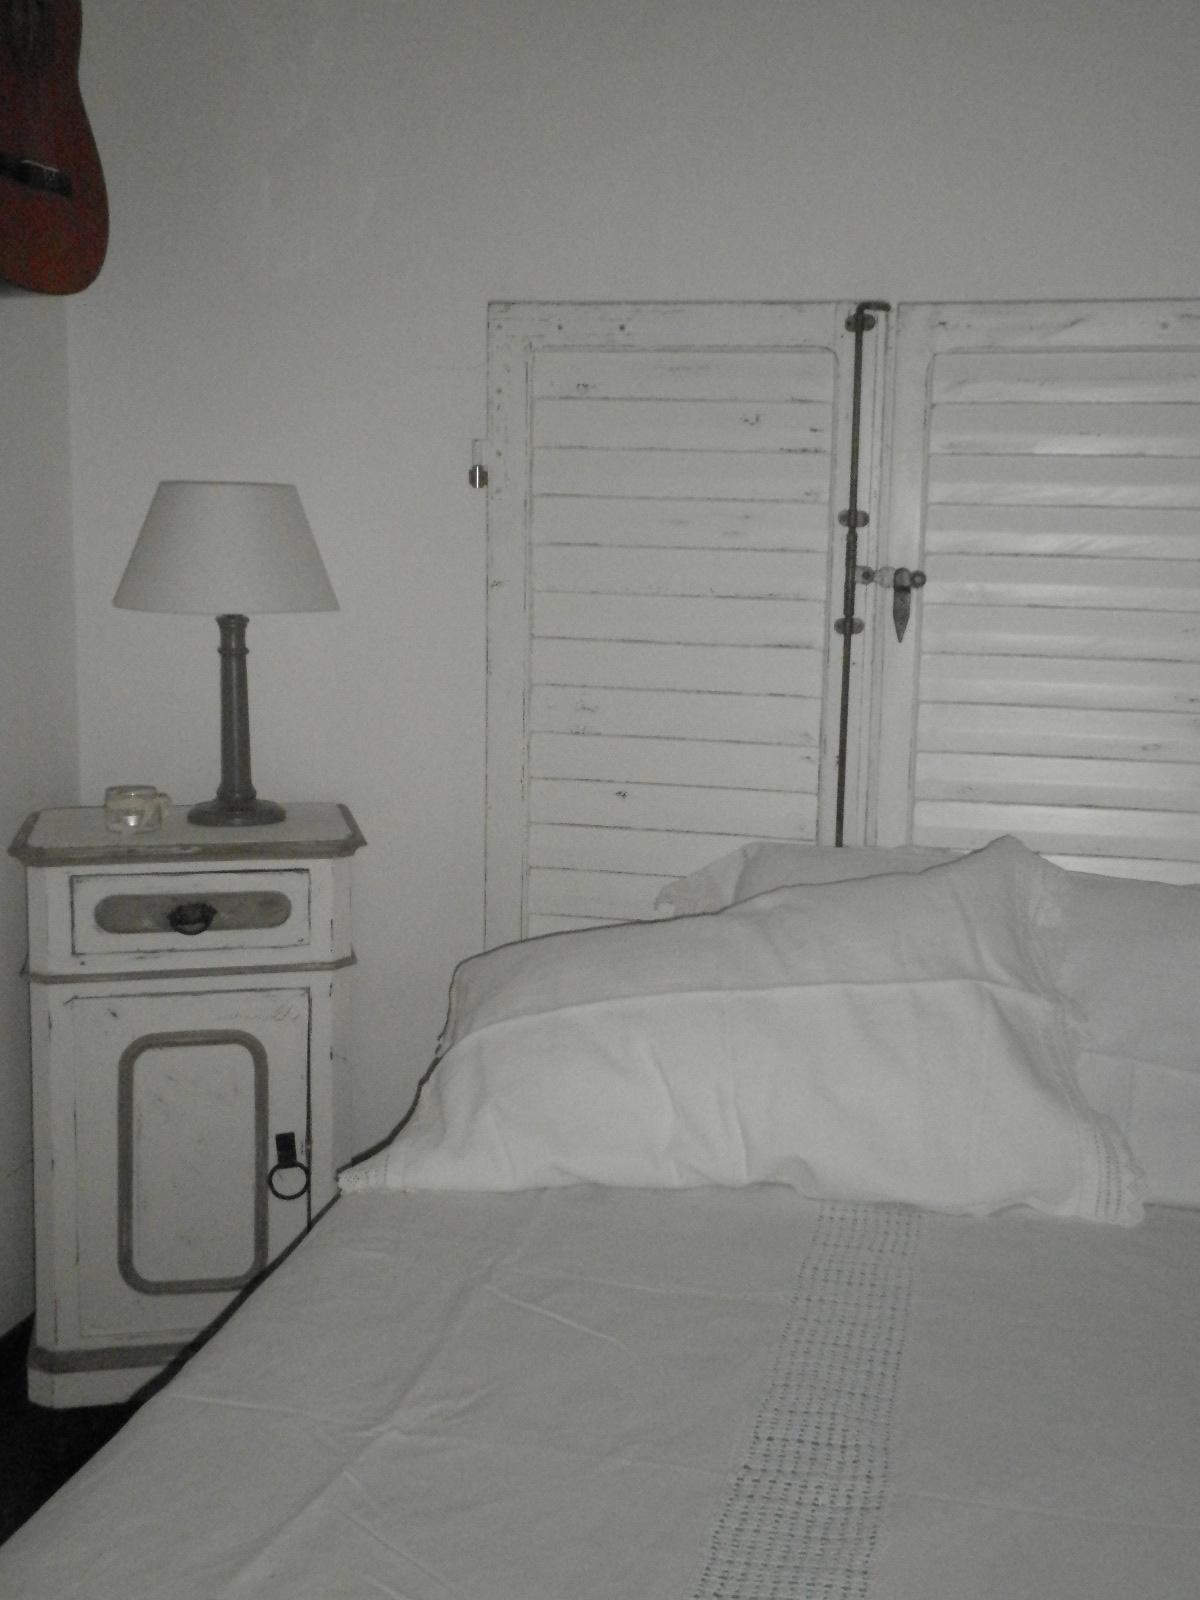 Magic bus testata del letto - Testata del letto ...